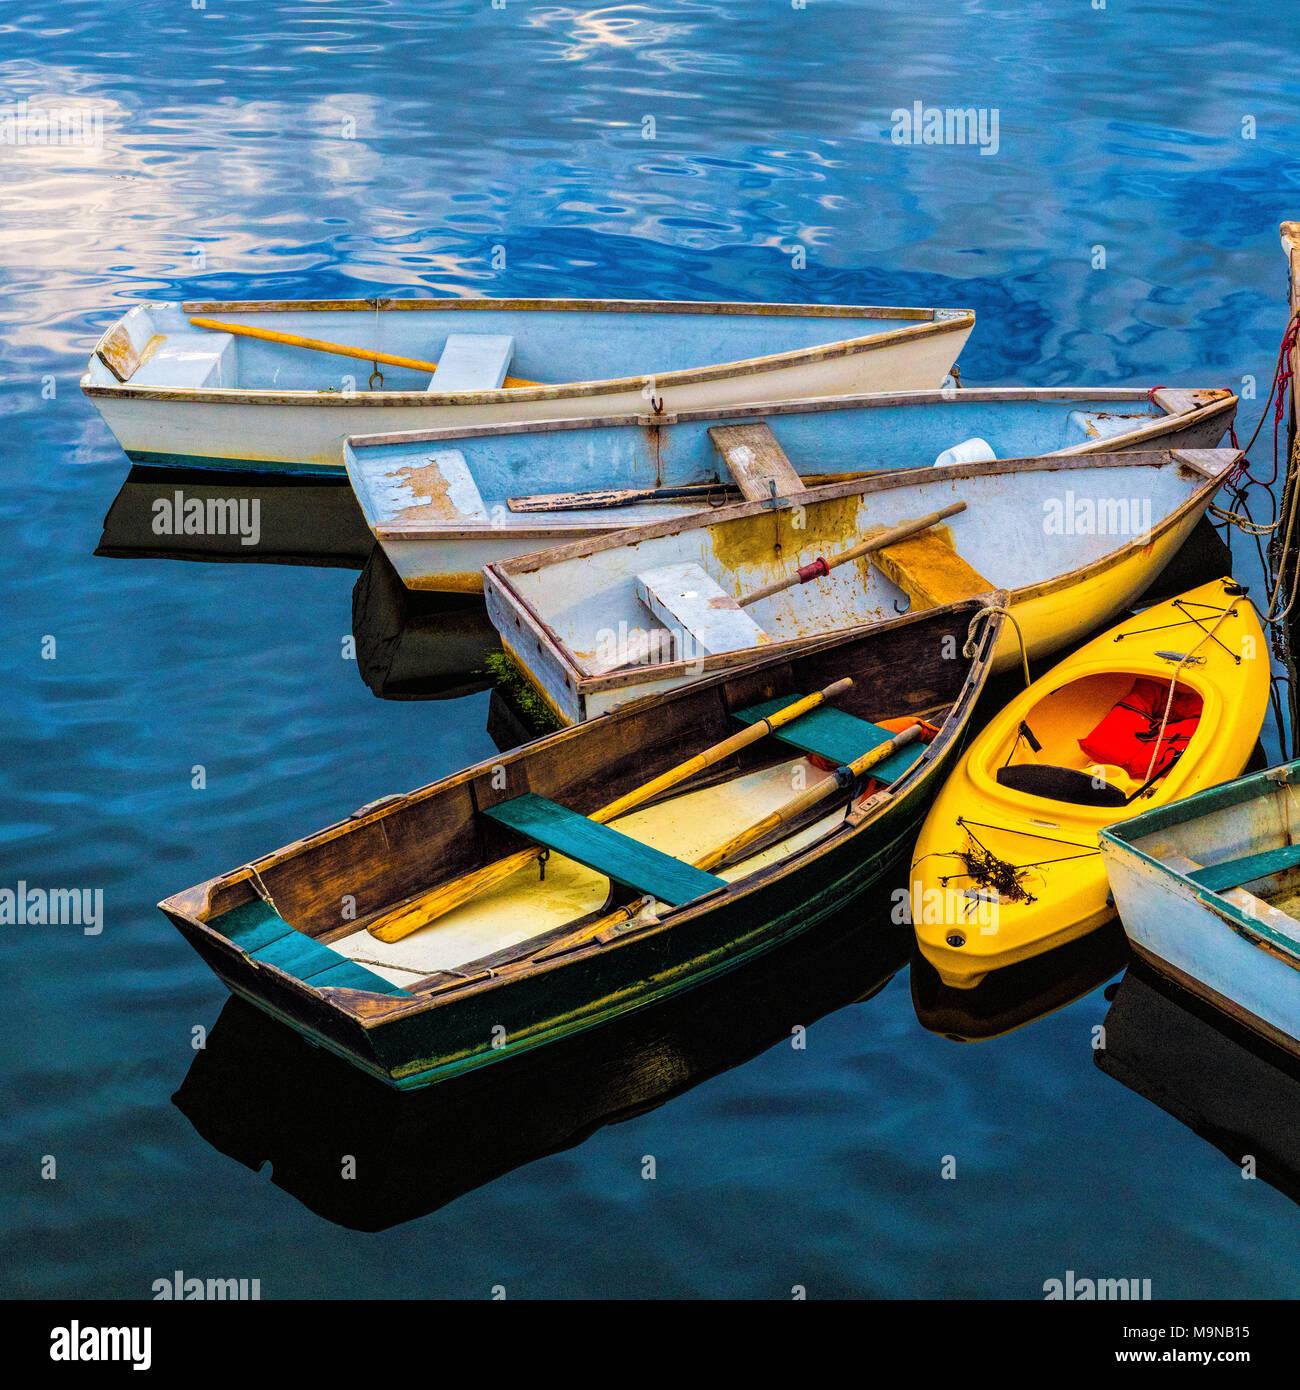 Small boats at wharf - Stock Image